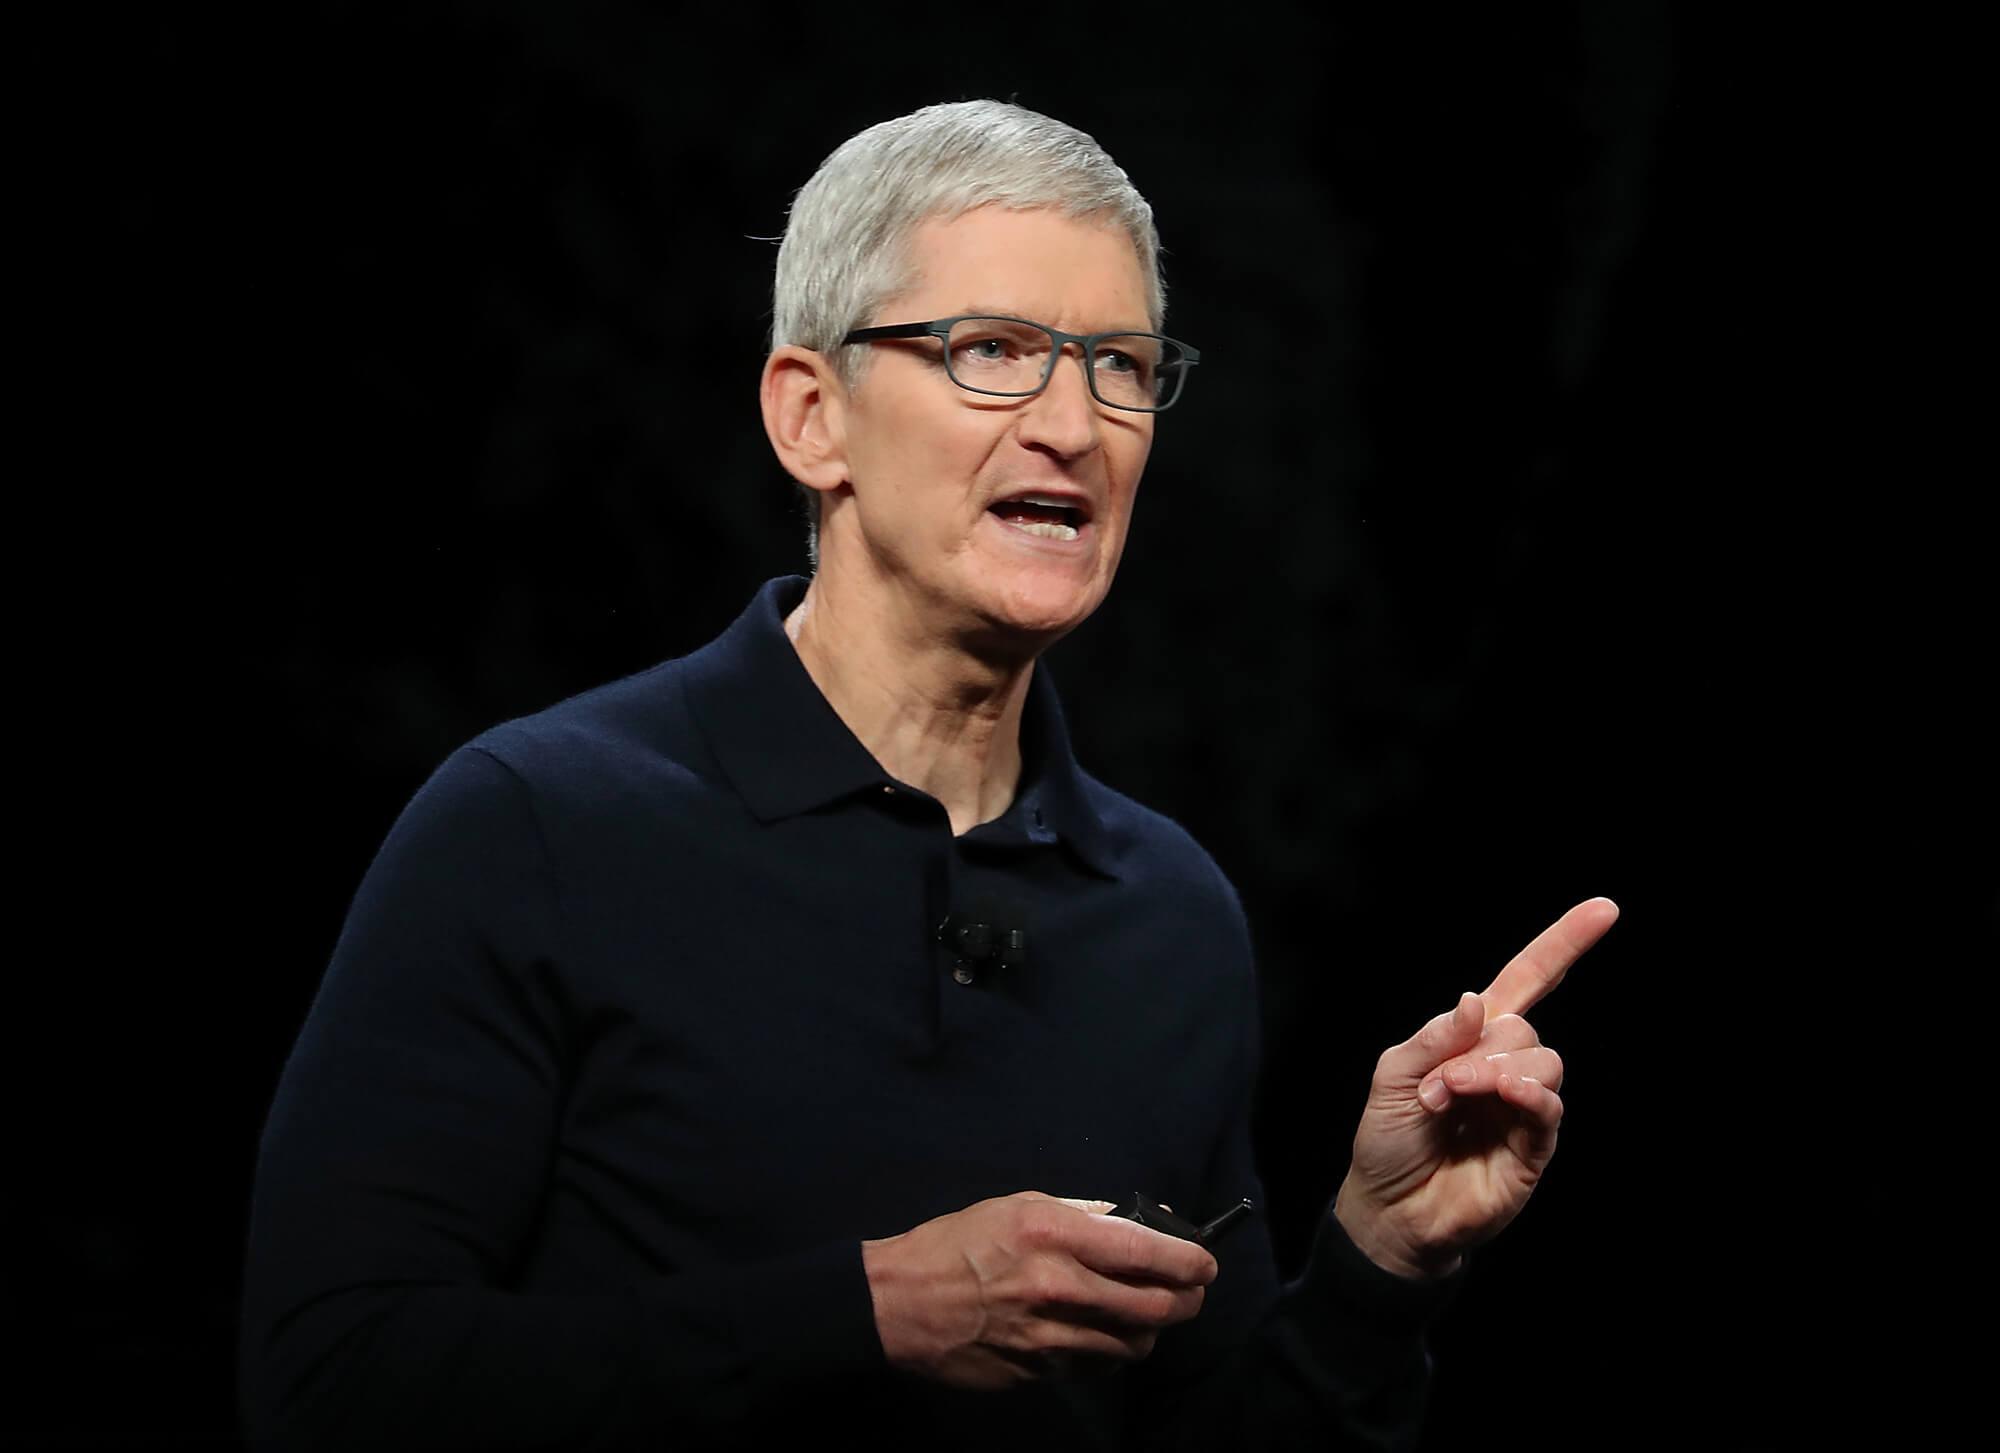 Серьезная уязвимость в iOS позволяла взломать любой iPhone по Wi-Fi